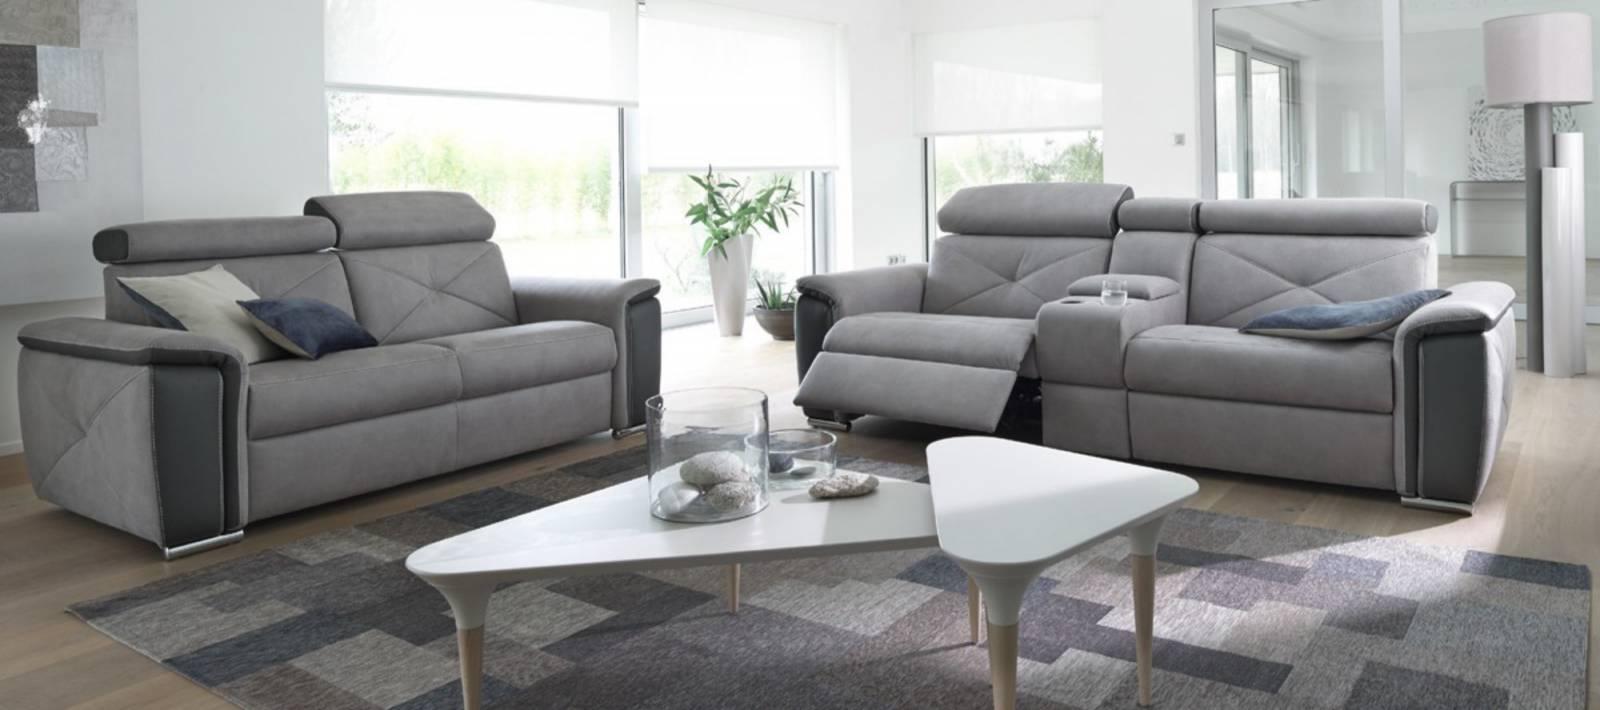 Canapé tissu 2 3 places canapé d angle et pouf Modèle